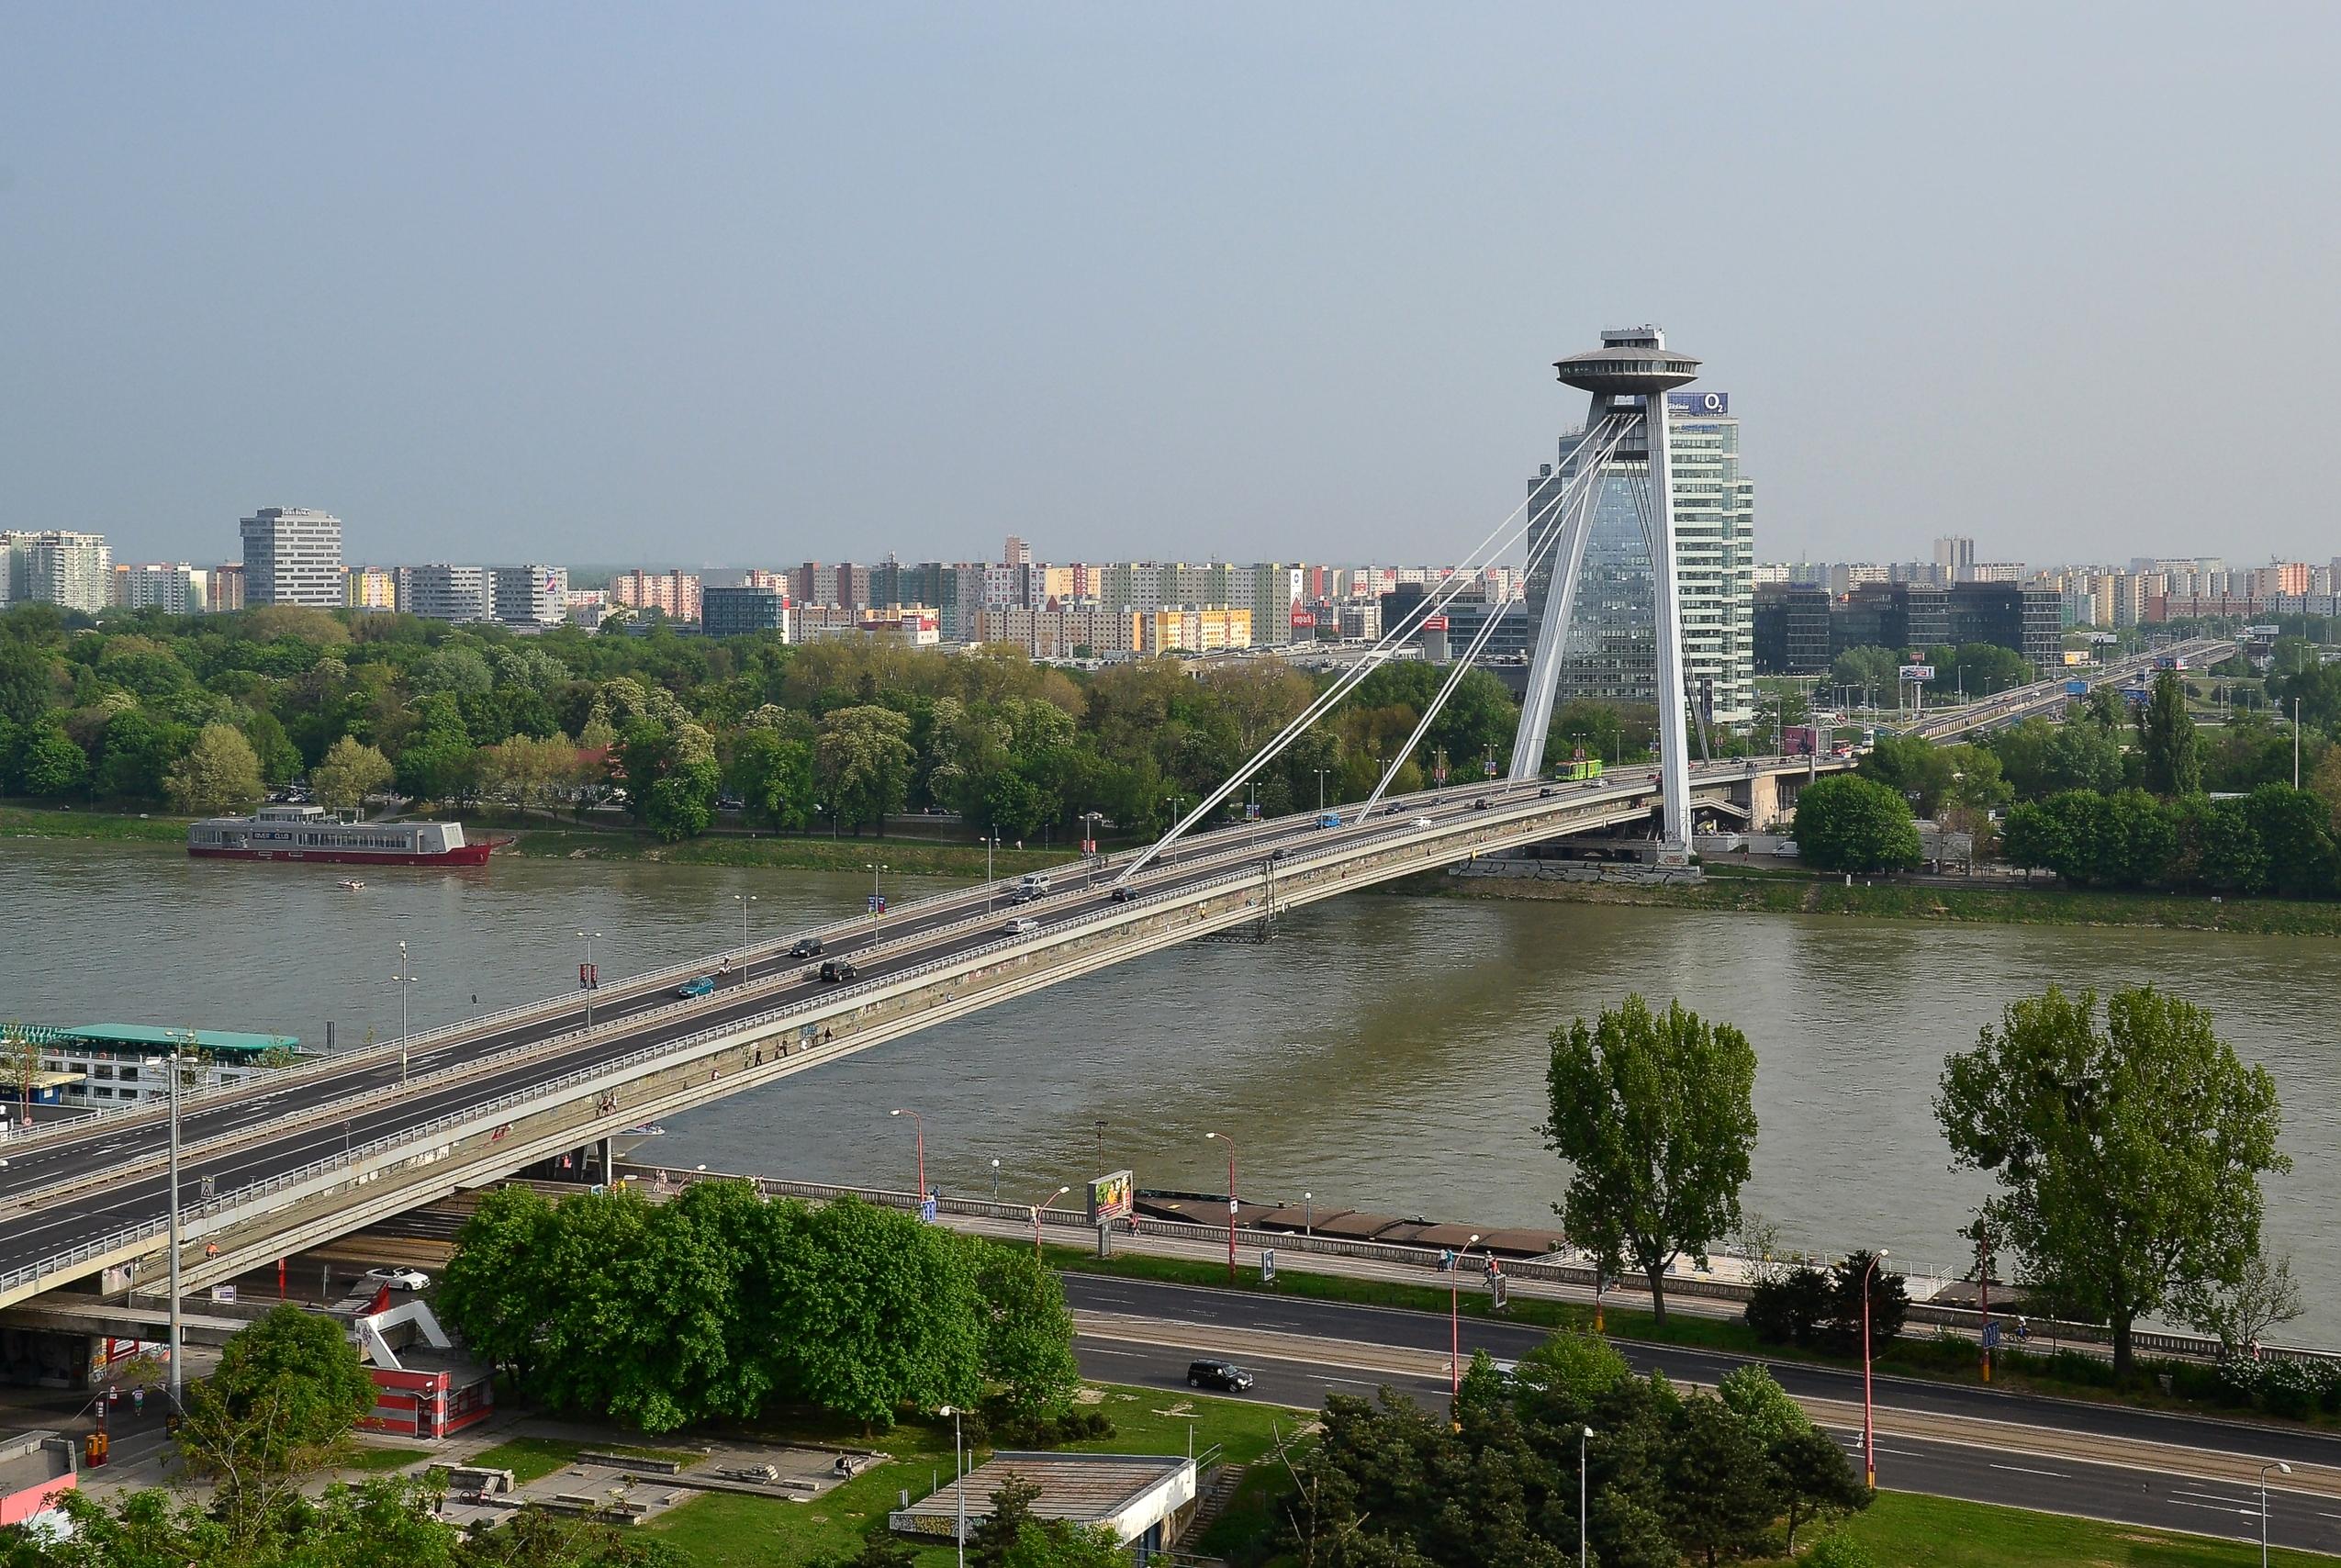 Авто-факт: Мост СНП - самый уникальный мост в Братиславе (видео)